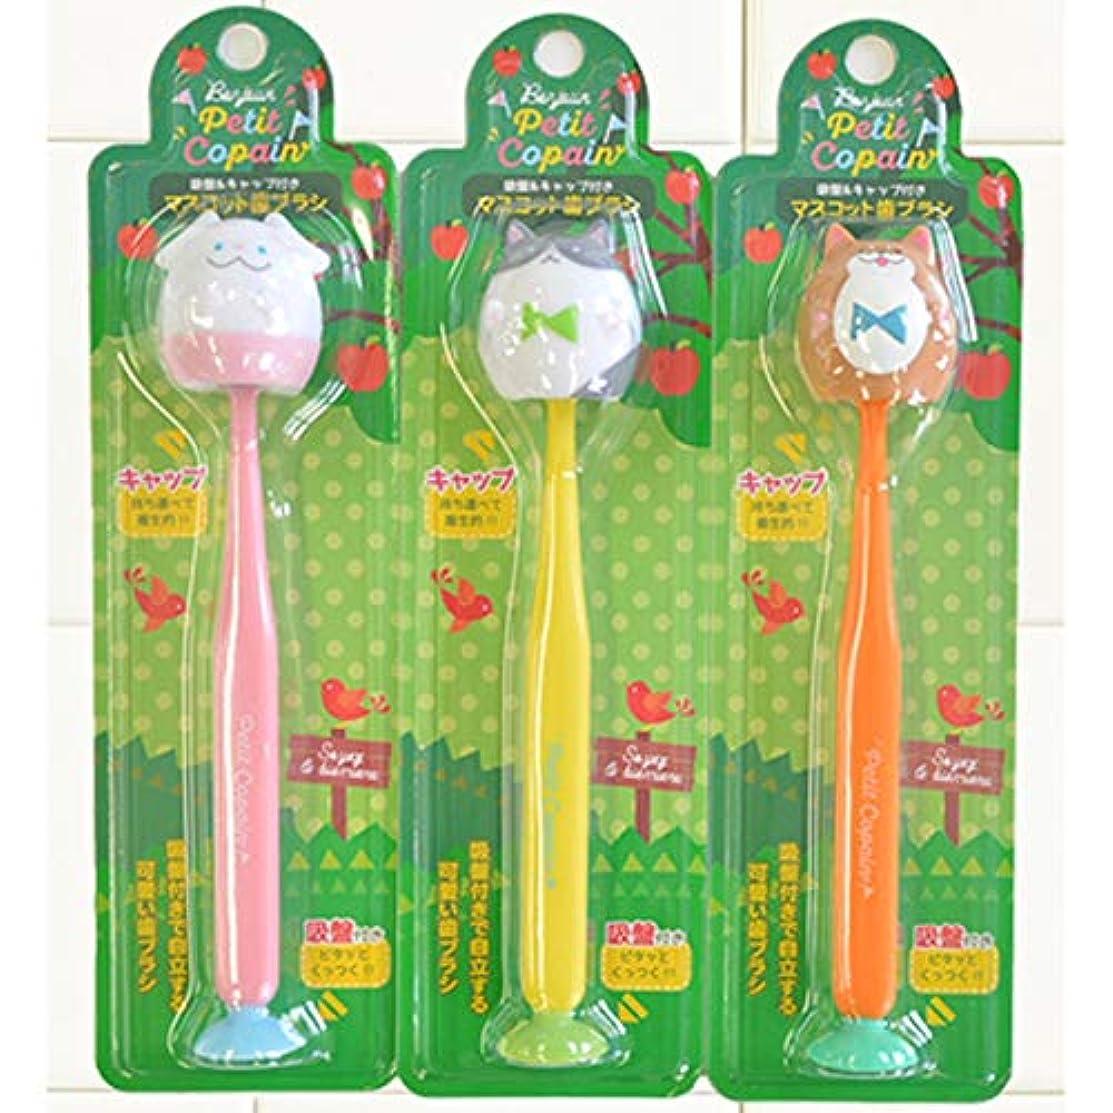 スコットランド人崇拝する無限プティコパン 吸盤付き歯ブラシ 3本セット(ウサギ?ネコ?シバイヌ)